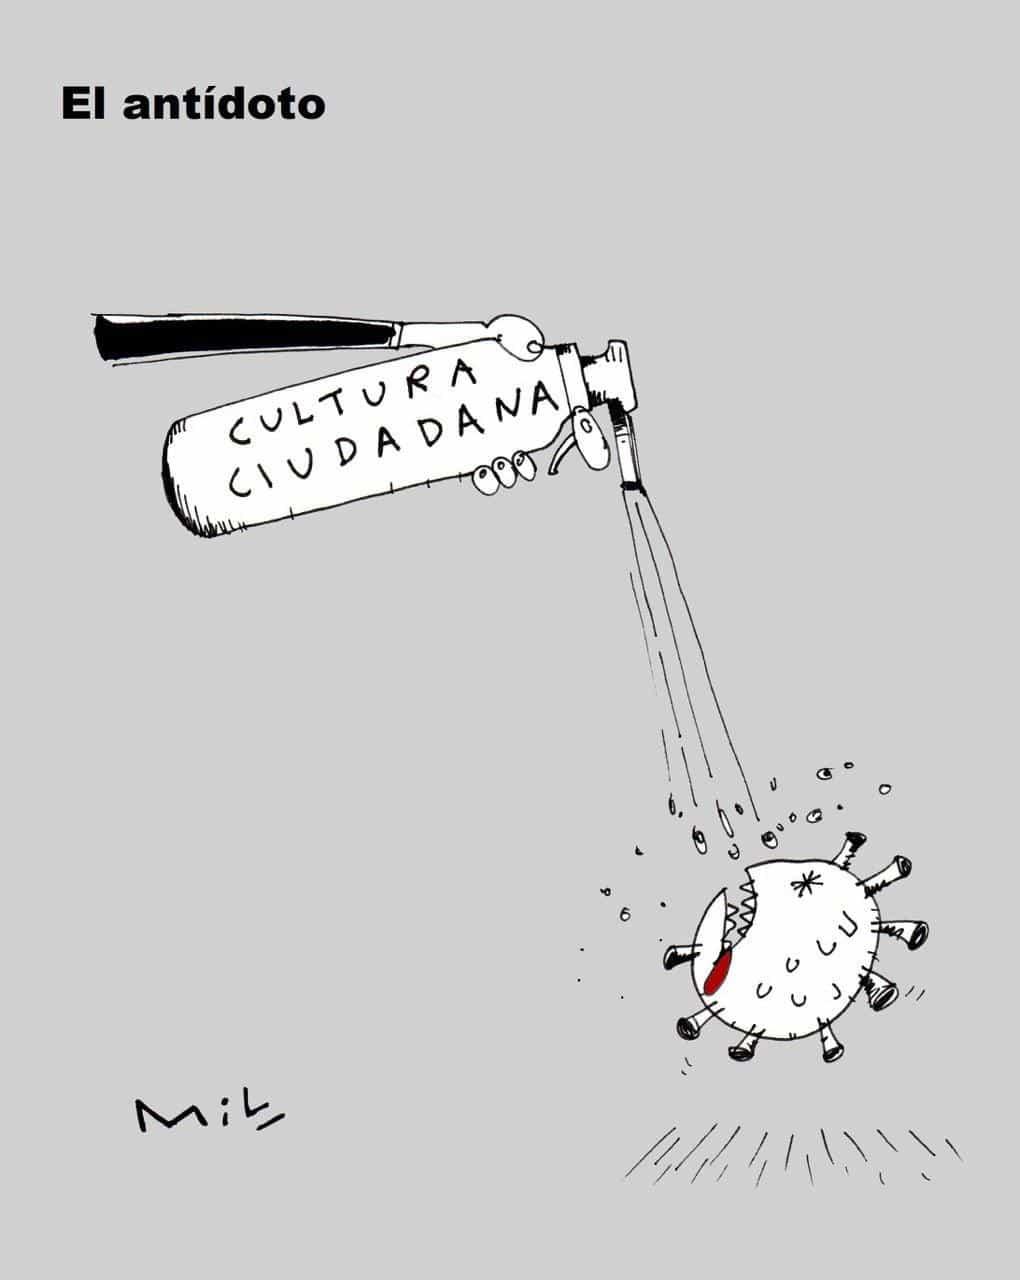 El antidoto - #Caricatura7días